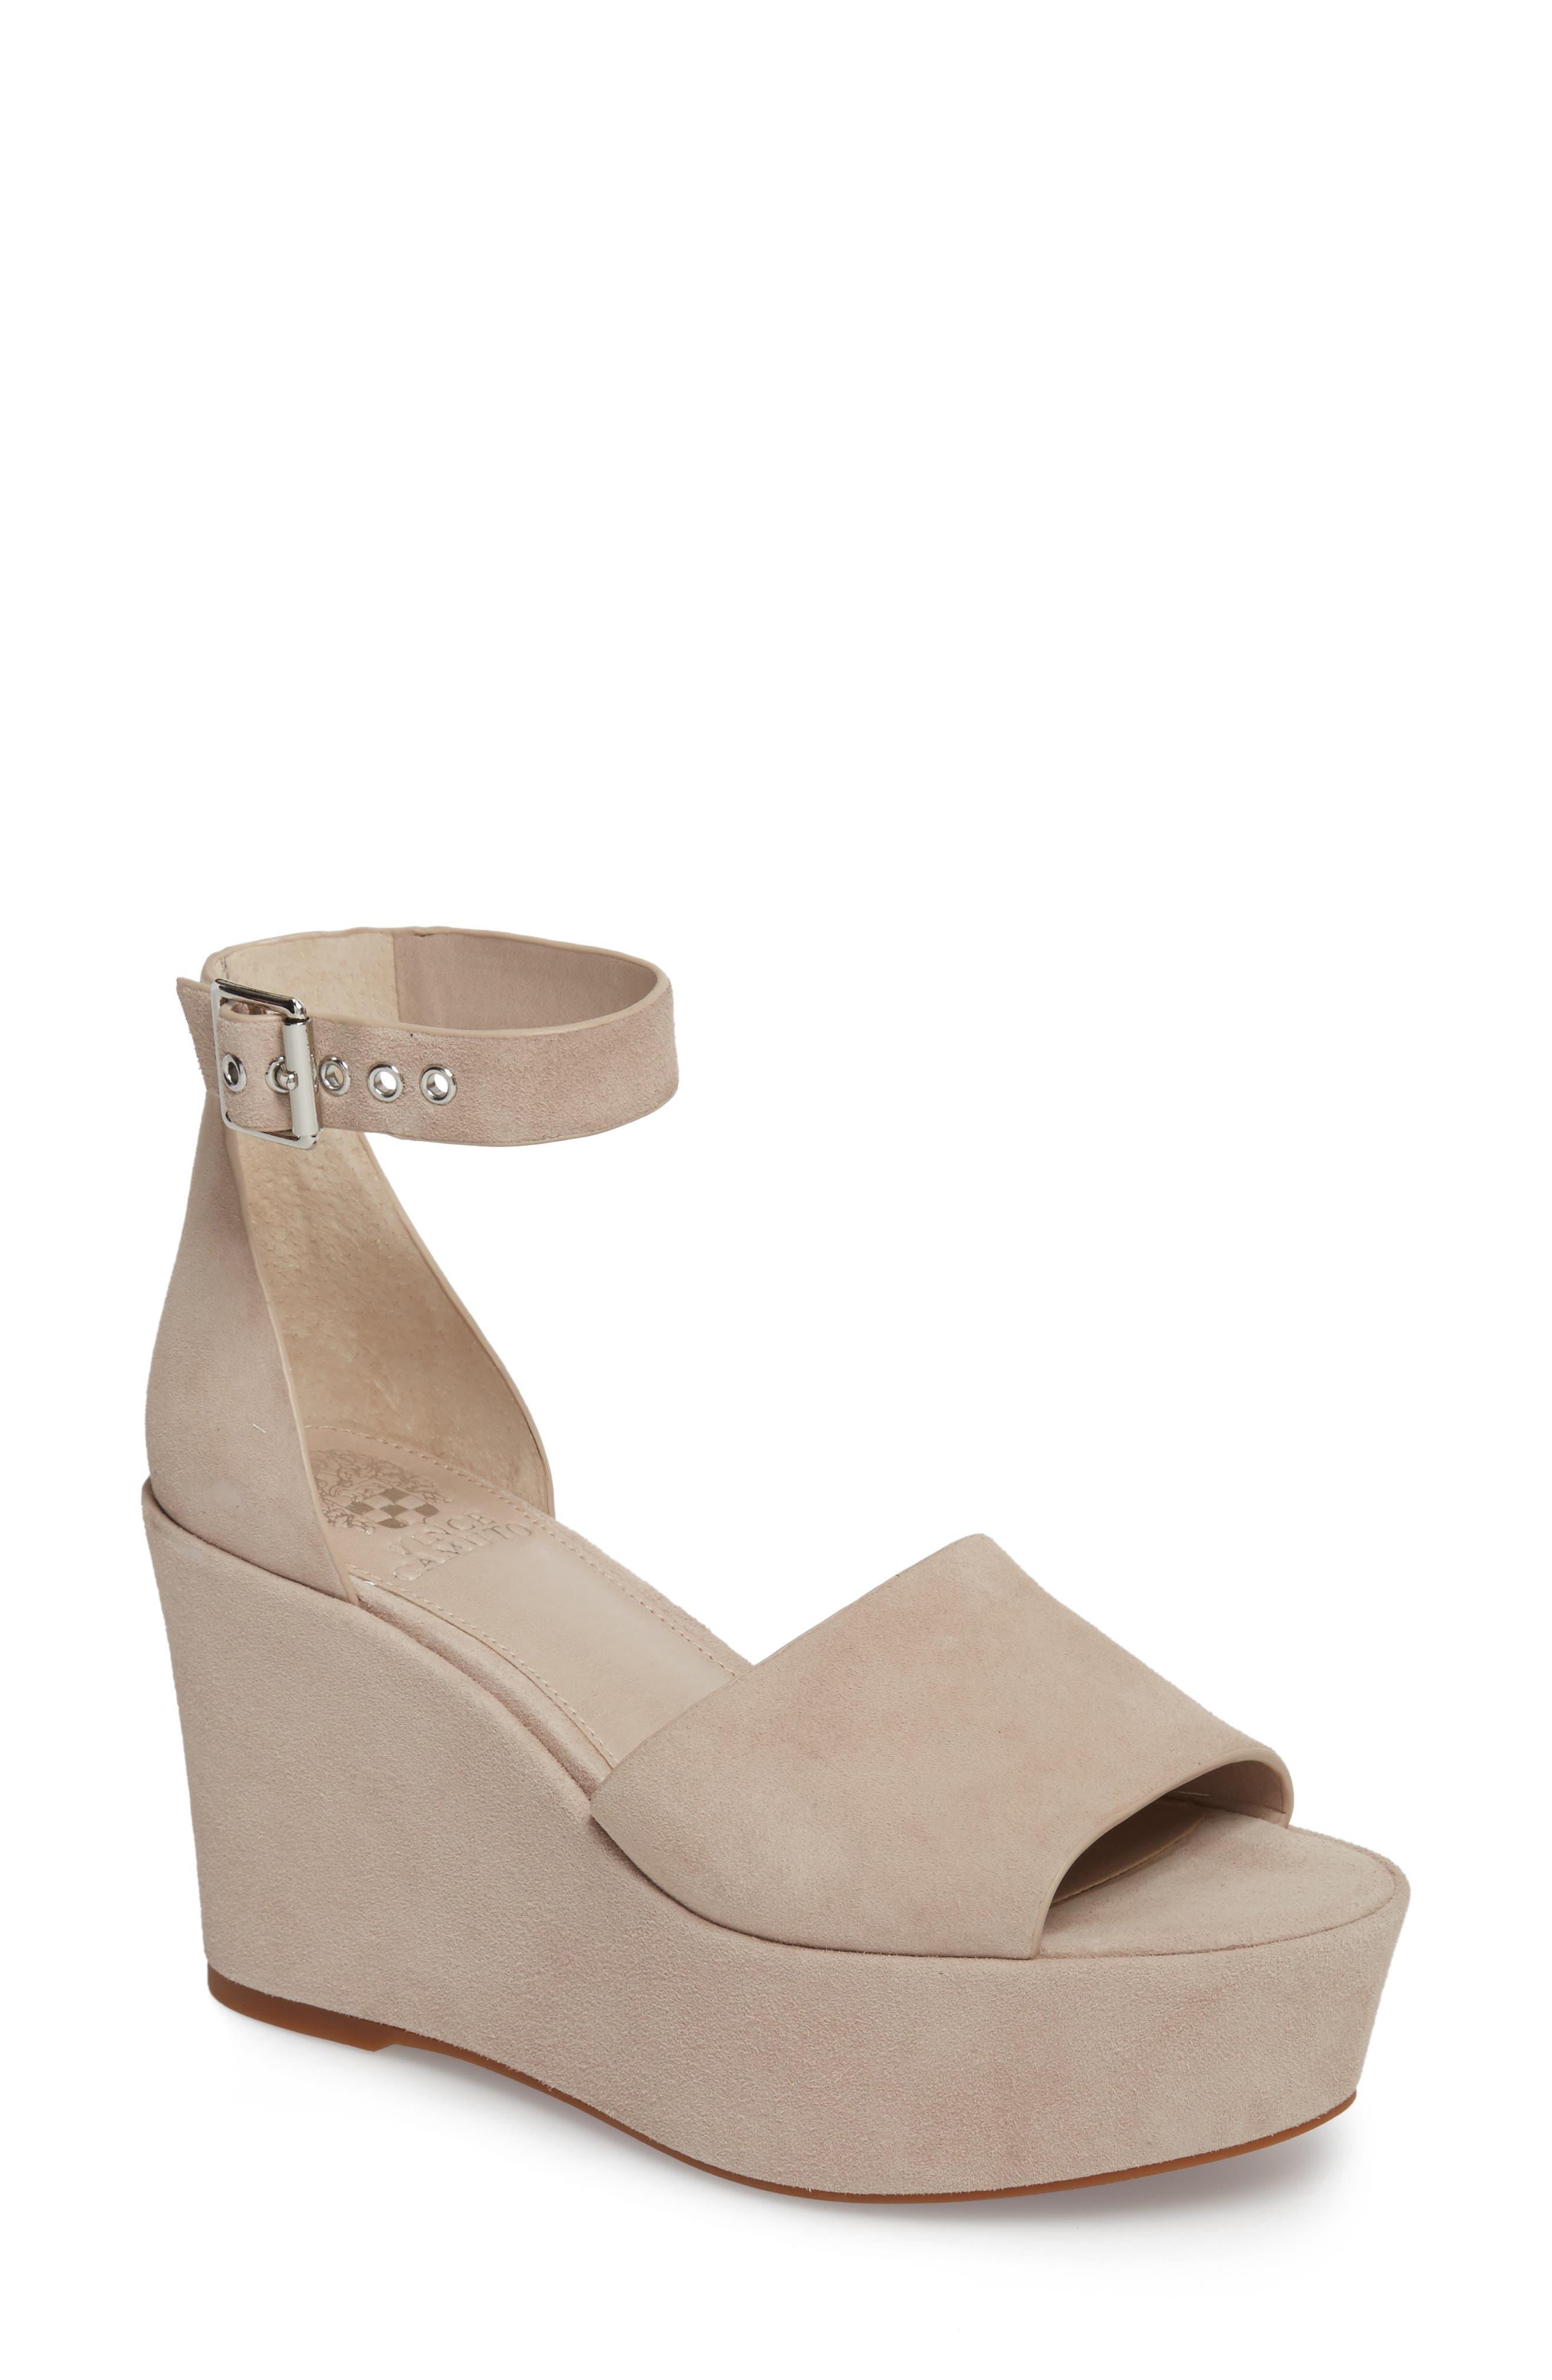 Korista Platform Sandal,                         Main,                         color, Tipsy Taupe Suede